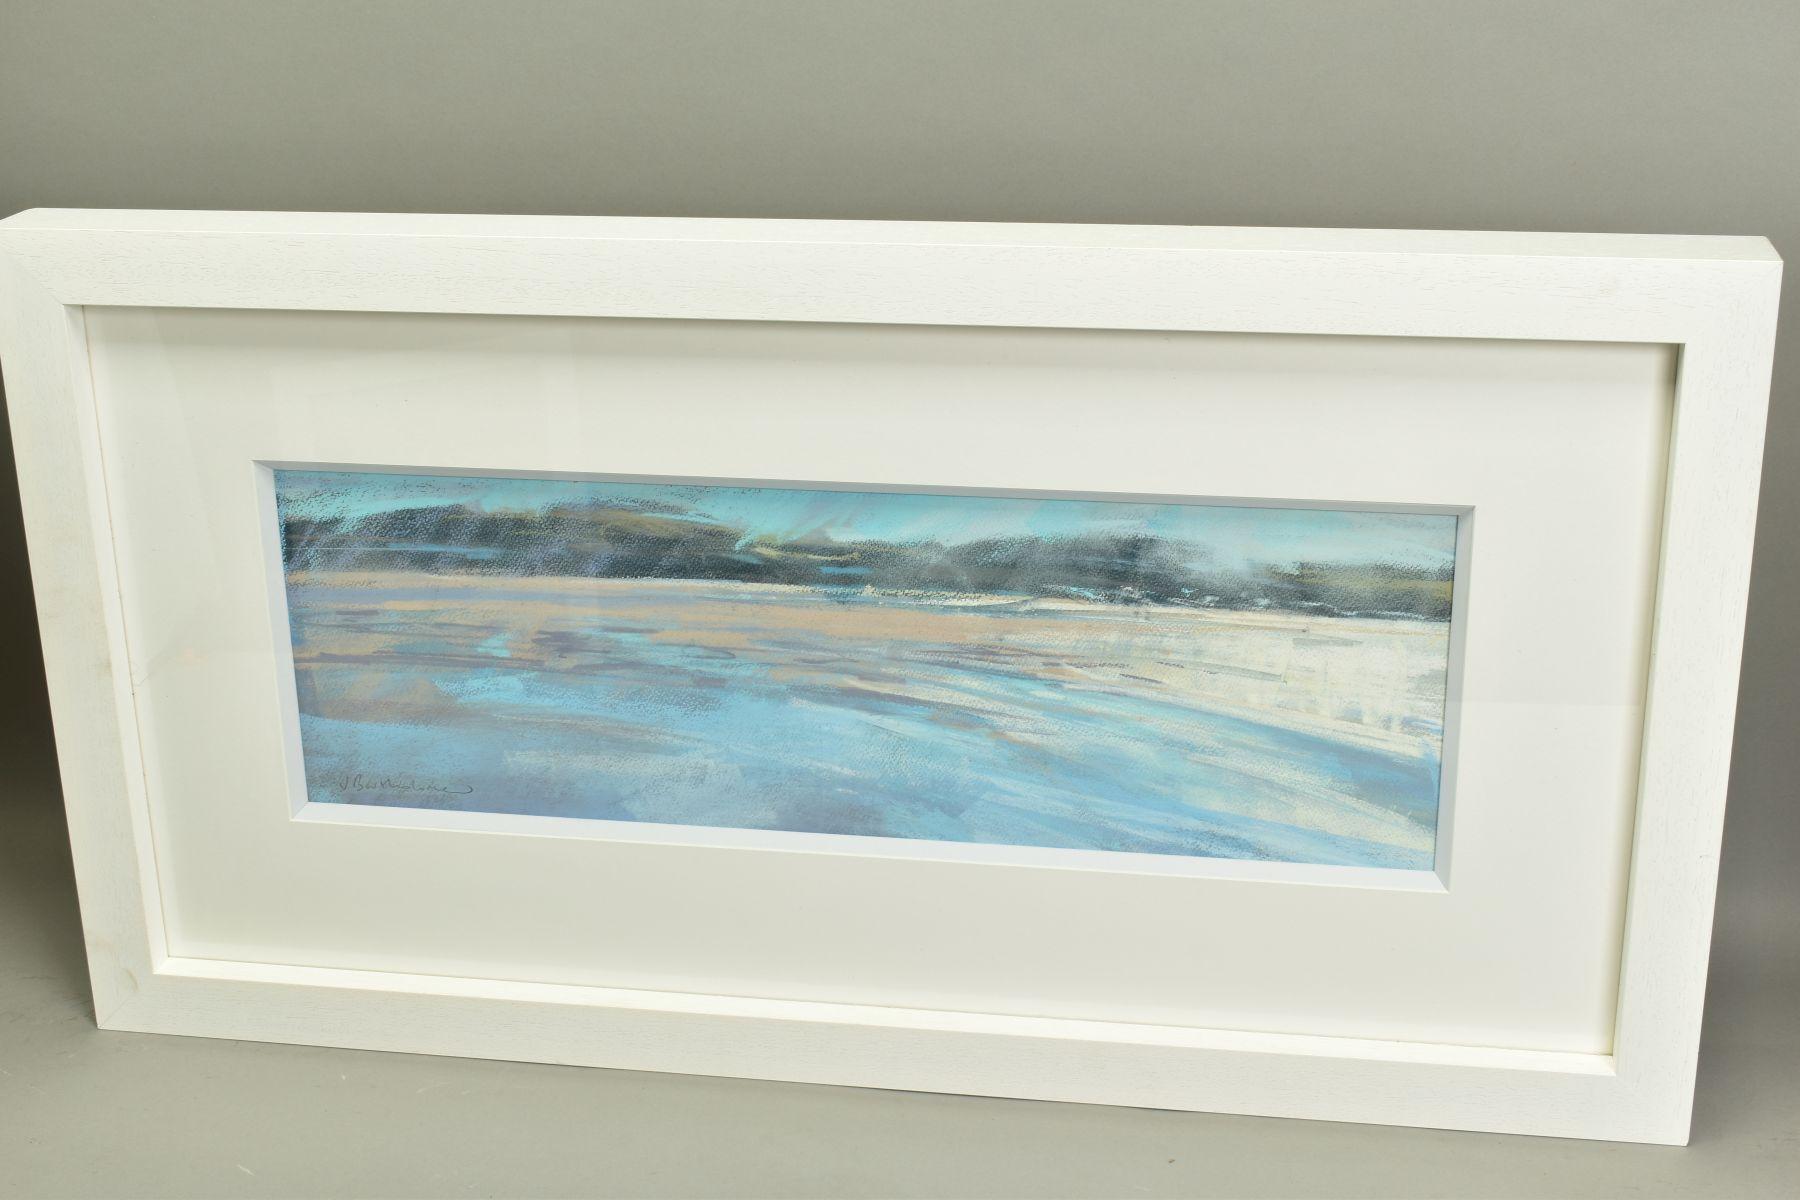 JAMES BARTHOLOMEW (BRITISH CONTEMPORARY), 'Shining Bay', a coastal landscape, signed bottom right, - Image 5 of 6